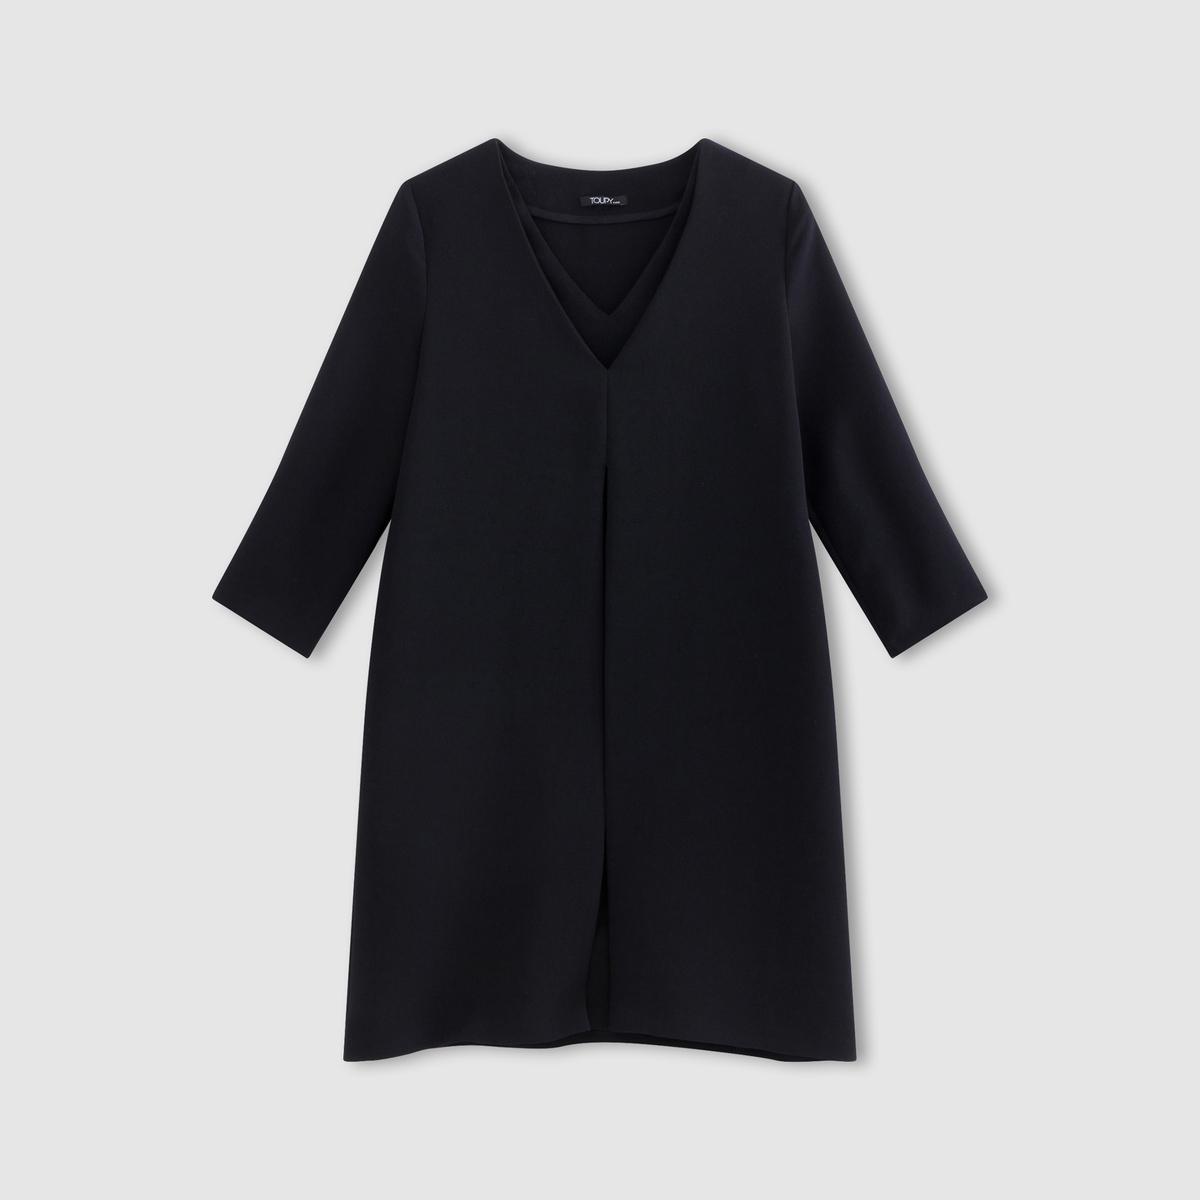 Платье PERINEПлатье PERINE от TOUPY, 100% полиэстер. Рукава 3/4, V-образный вырез. 2 кармана.<br><br>Цвет: кобальтовый синий<br>Размер: S